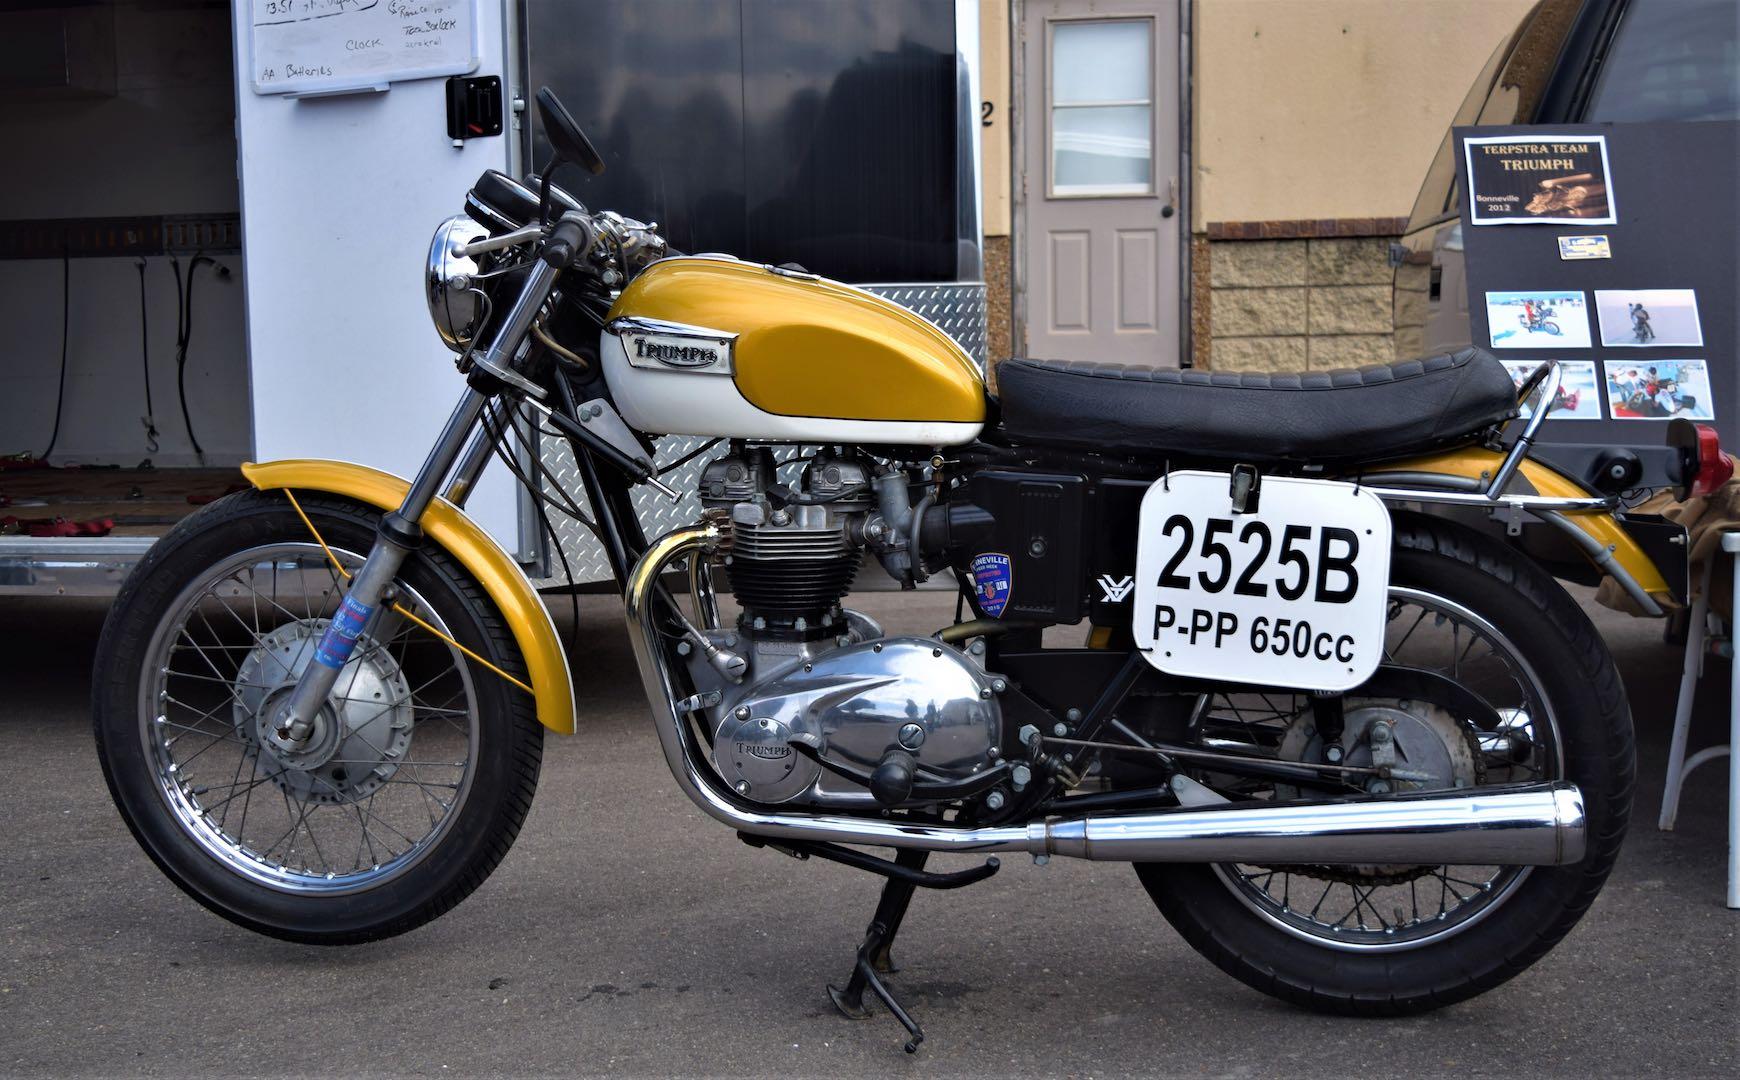 Lew Terpstra's 1971 Triumph Bonneville 650